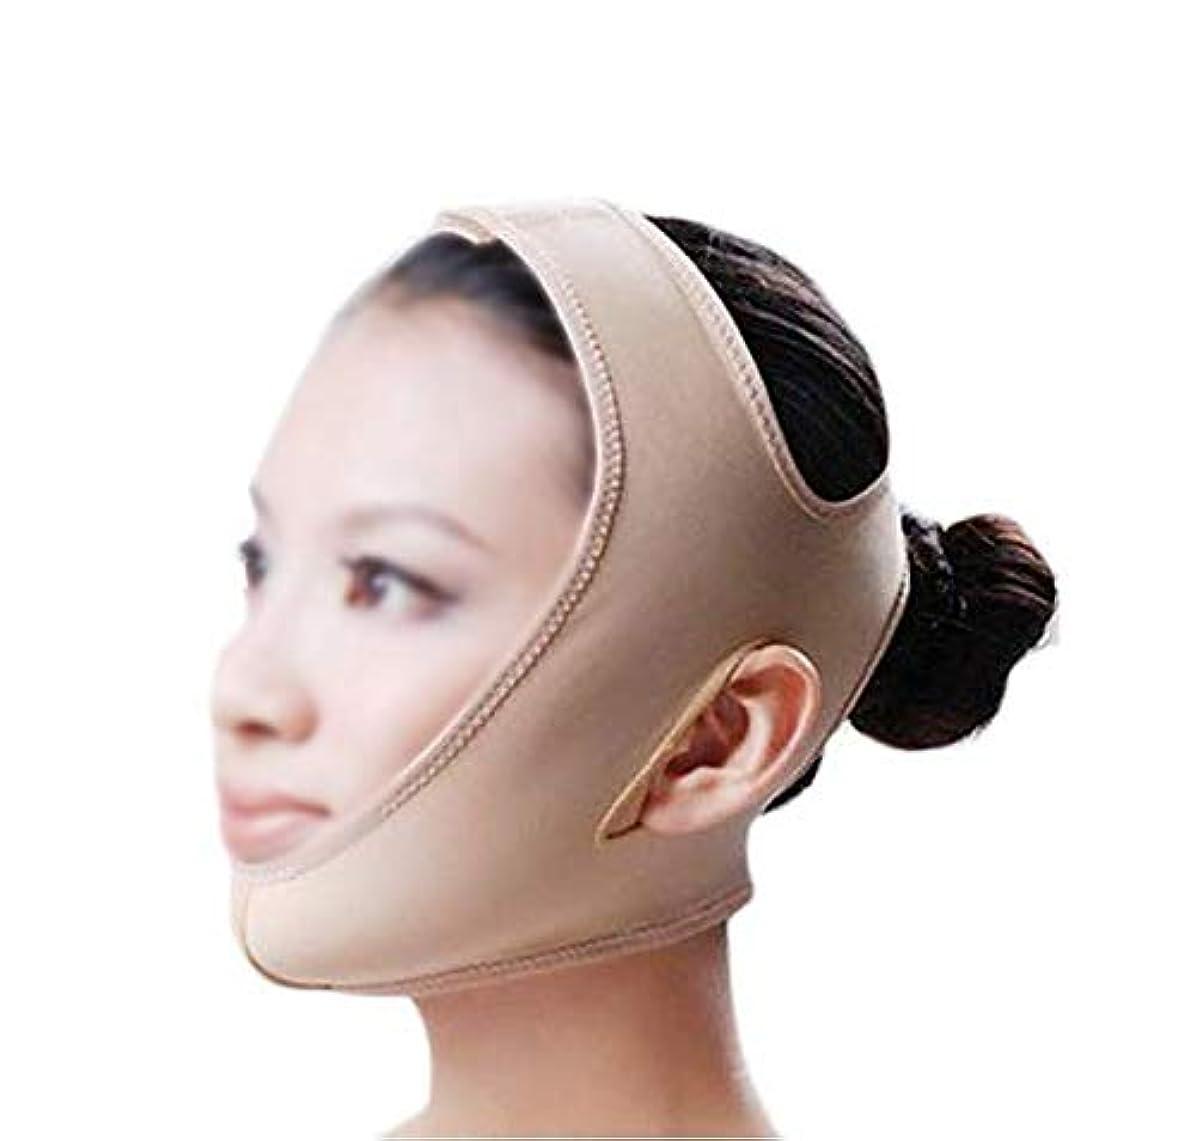 TLMY 引き締めマスクマスクフェイシャルマスク美容薬マスク美容V顔包帯ライン彫刻引き締めしっかりした二重あごマスク 顔用整形マスク (Size : S)